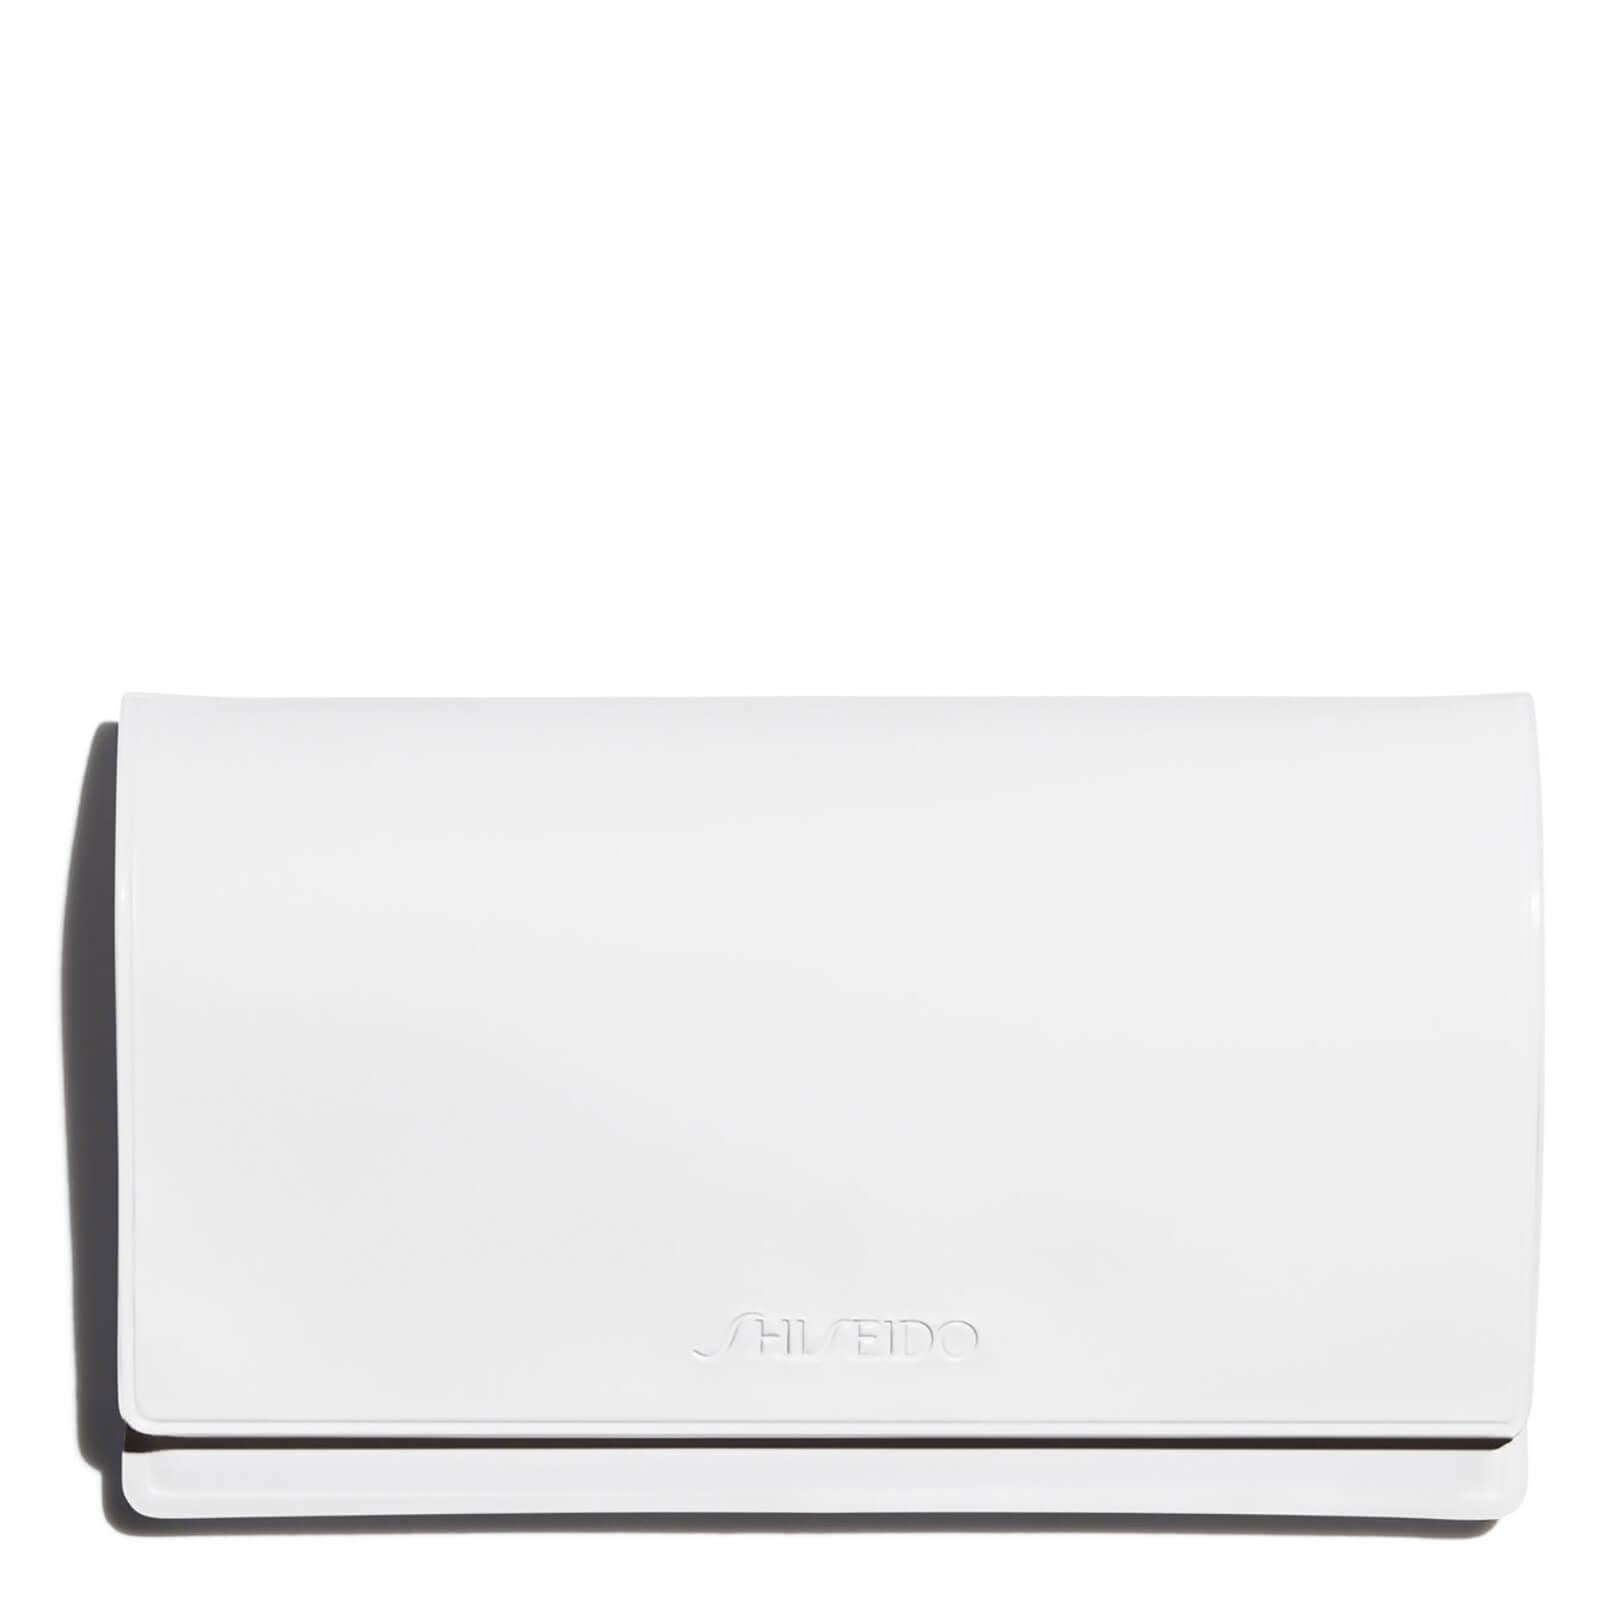 Купить Матирующие салфетки Shiseido Oil-Control Blotting Paper